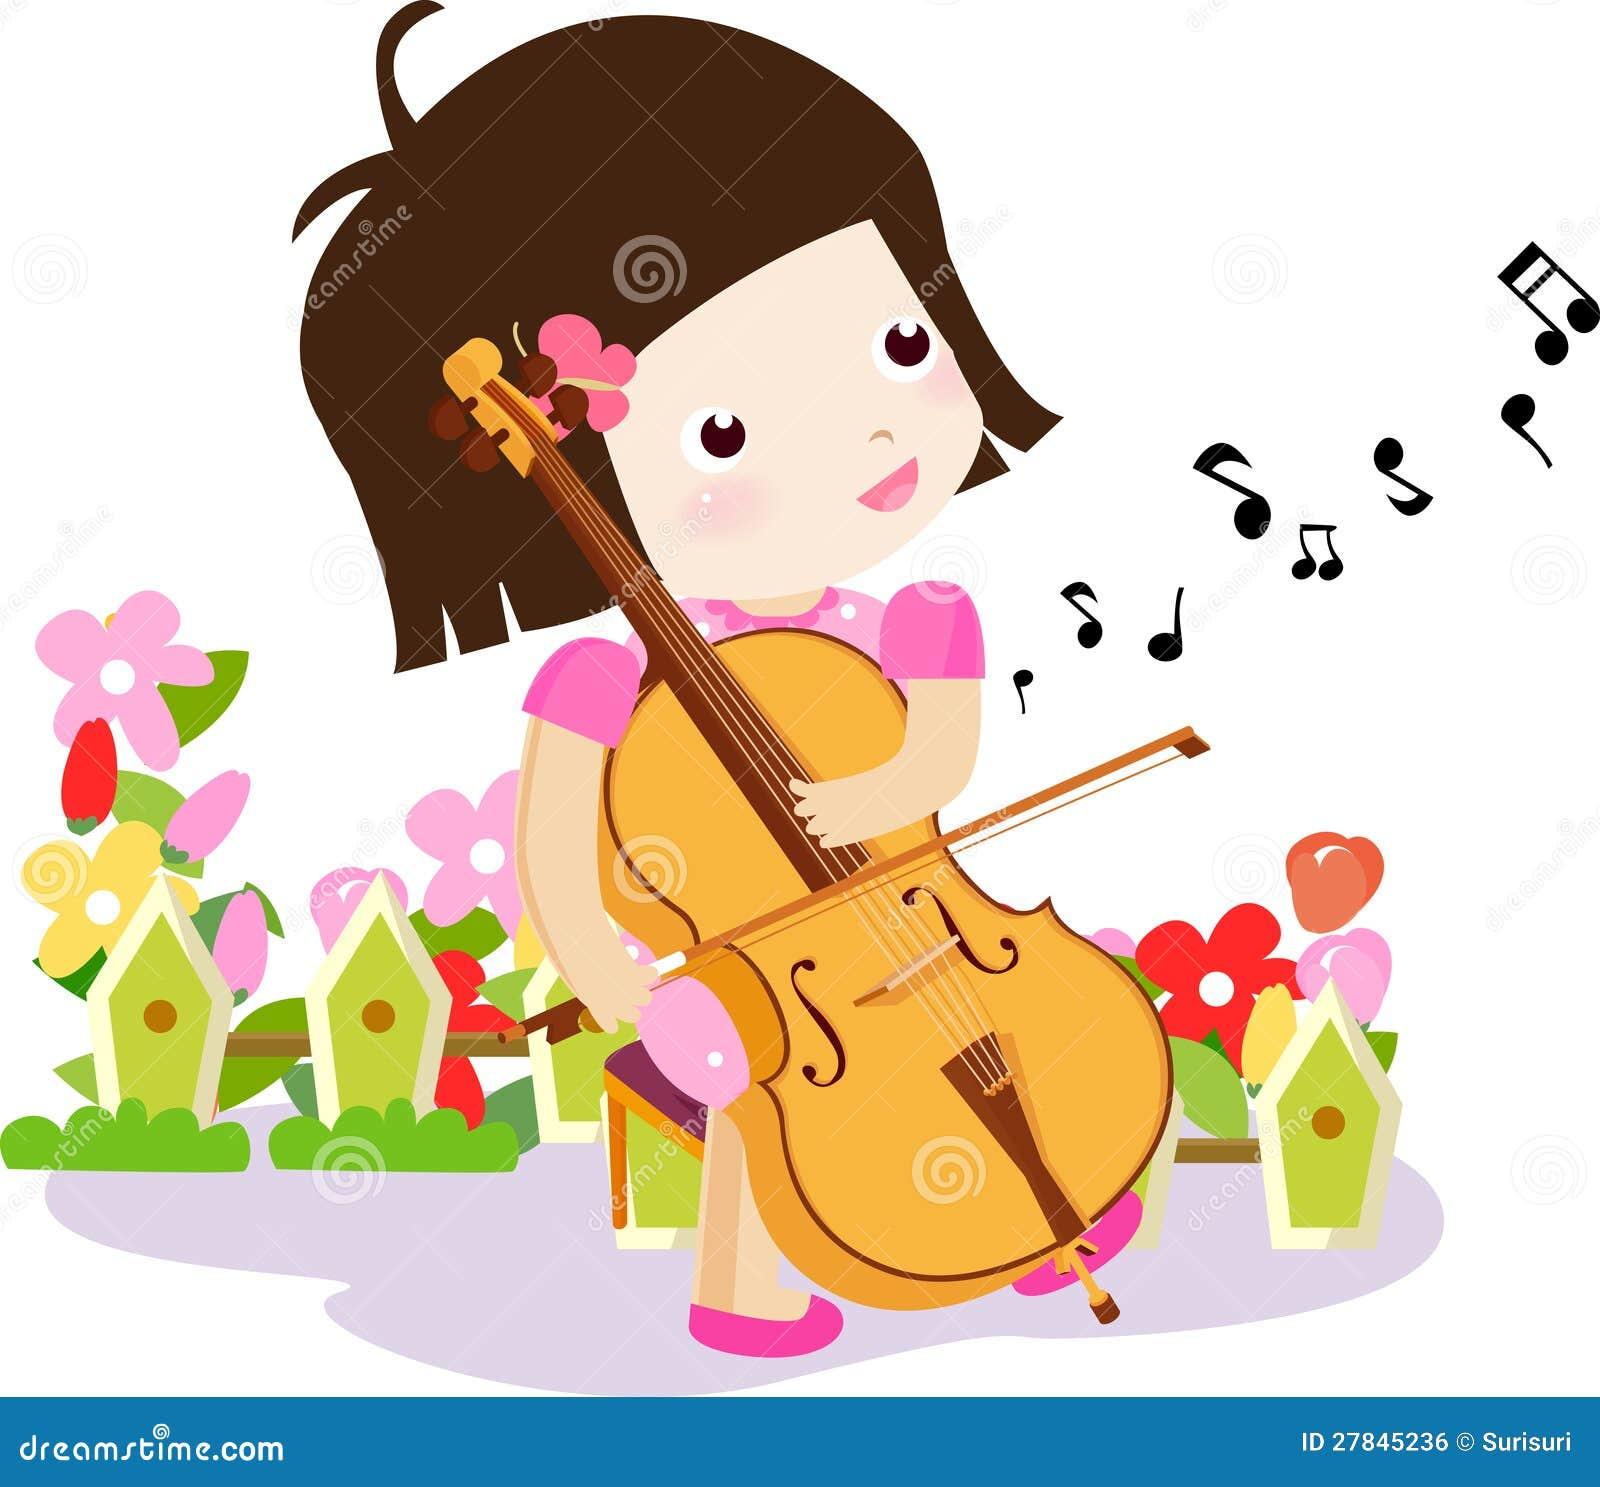 Cello cartoon cello player stock photography image 32561422 - A Girl Playing A Cello Royalty Free Stock Image